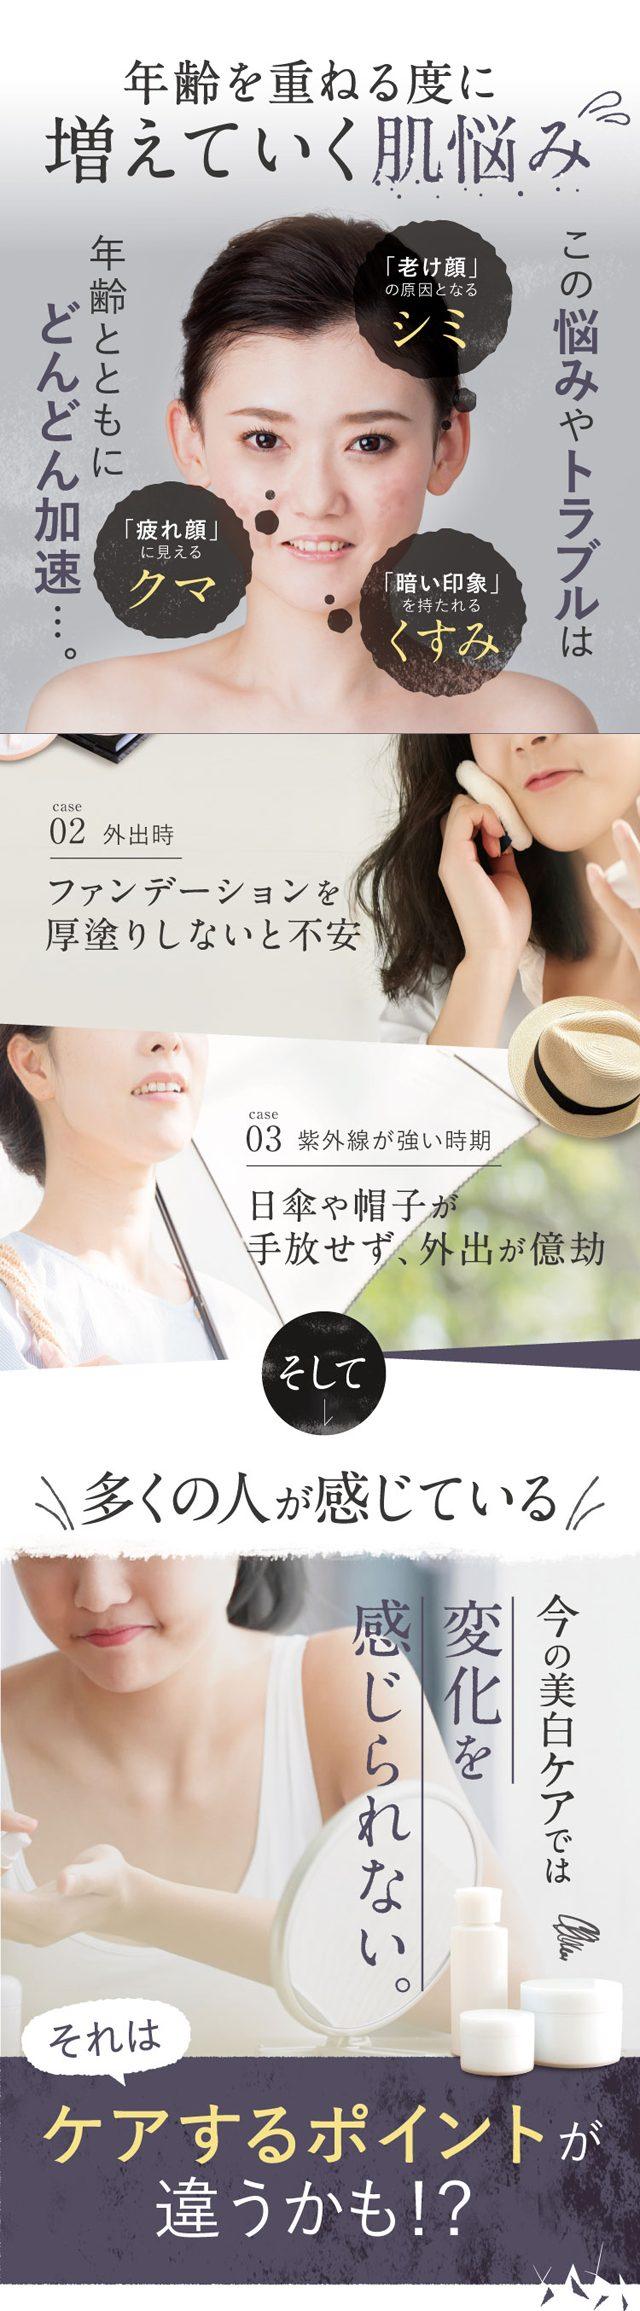 shimaboshi(シマボシ) Wエッセンス,効果なし,評判,口コミ